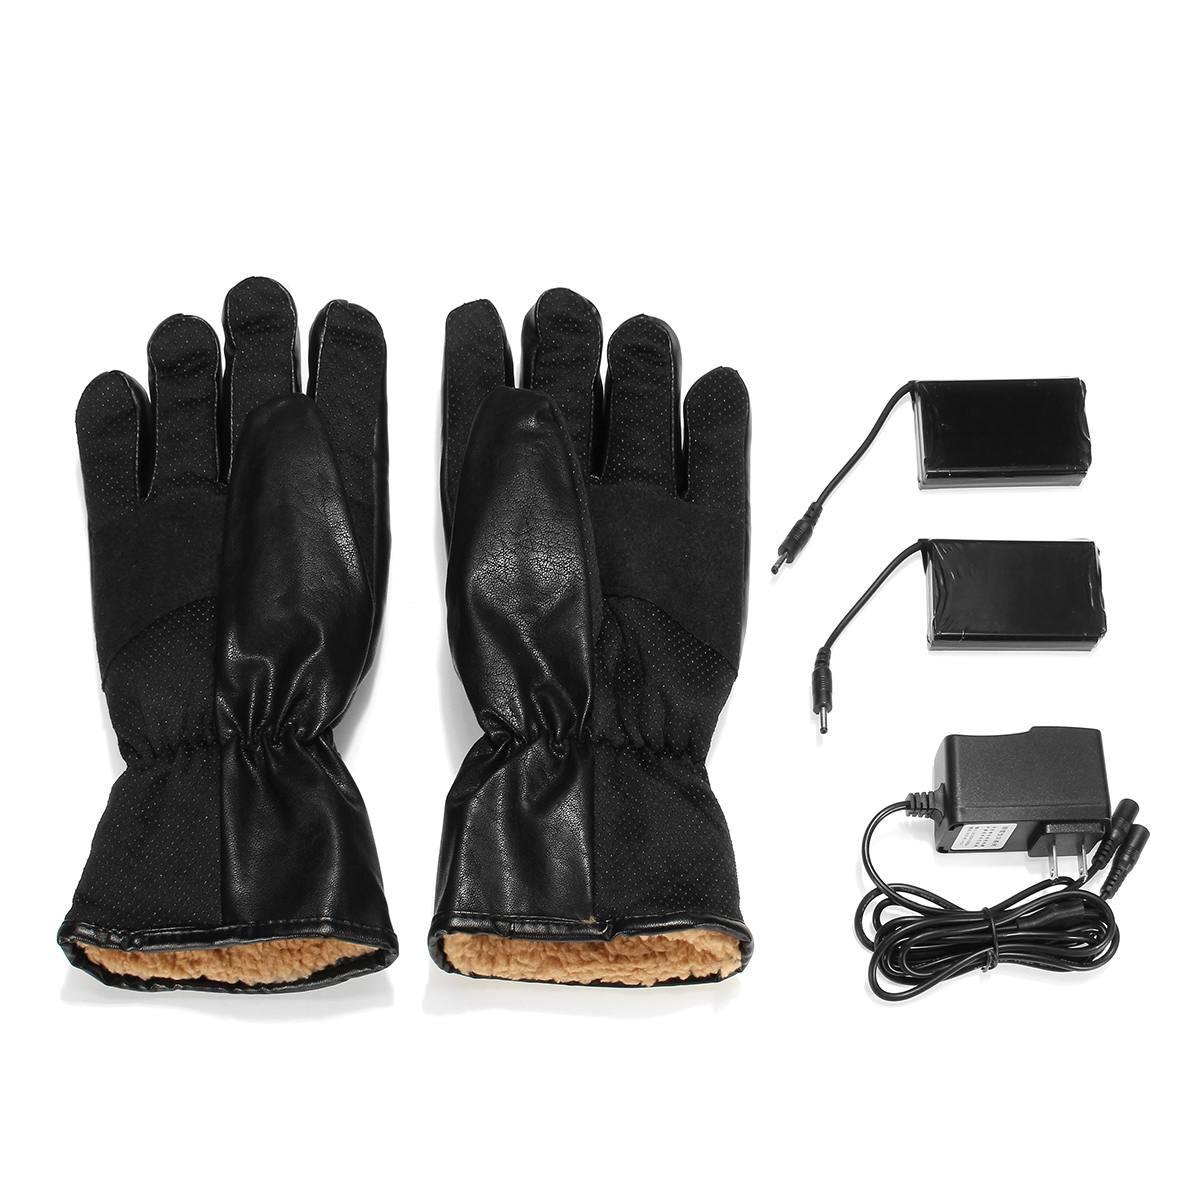 Gants chauffants électriques d'hiver PU cuir femmes hommes Rechargeable 3000 mAh batterie mitaines chauffantes chaudes intérieur épaissir gants en coton